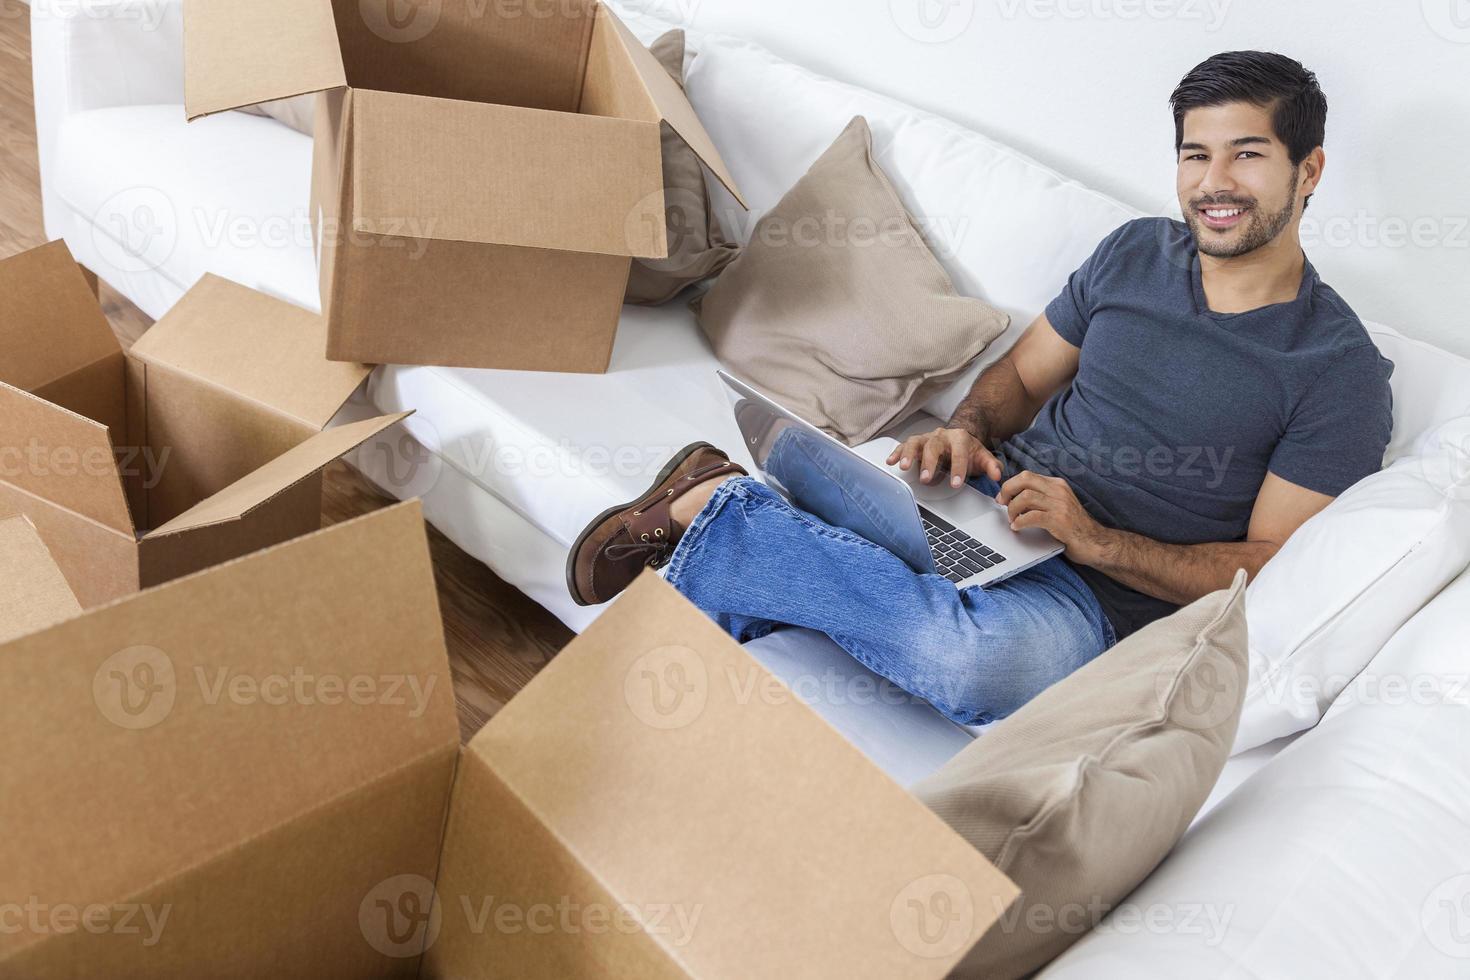 Hombre asiático usando laptop desempacando cajas de mudanza foto